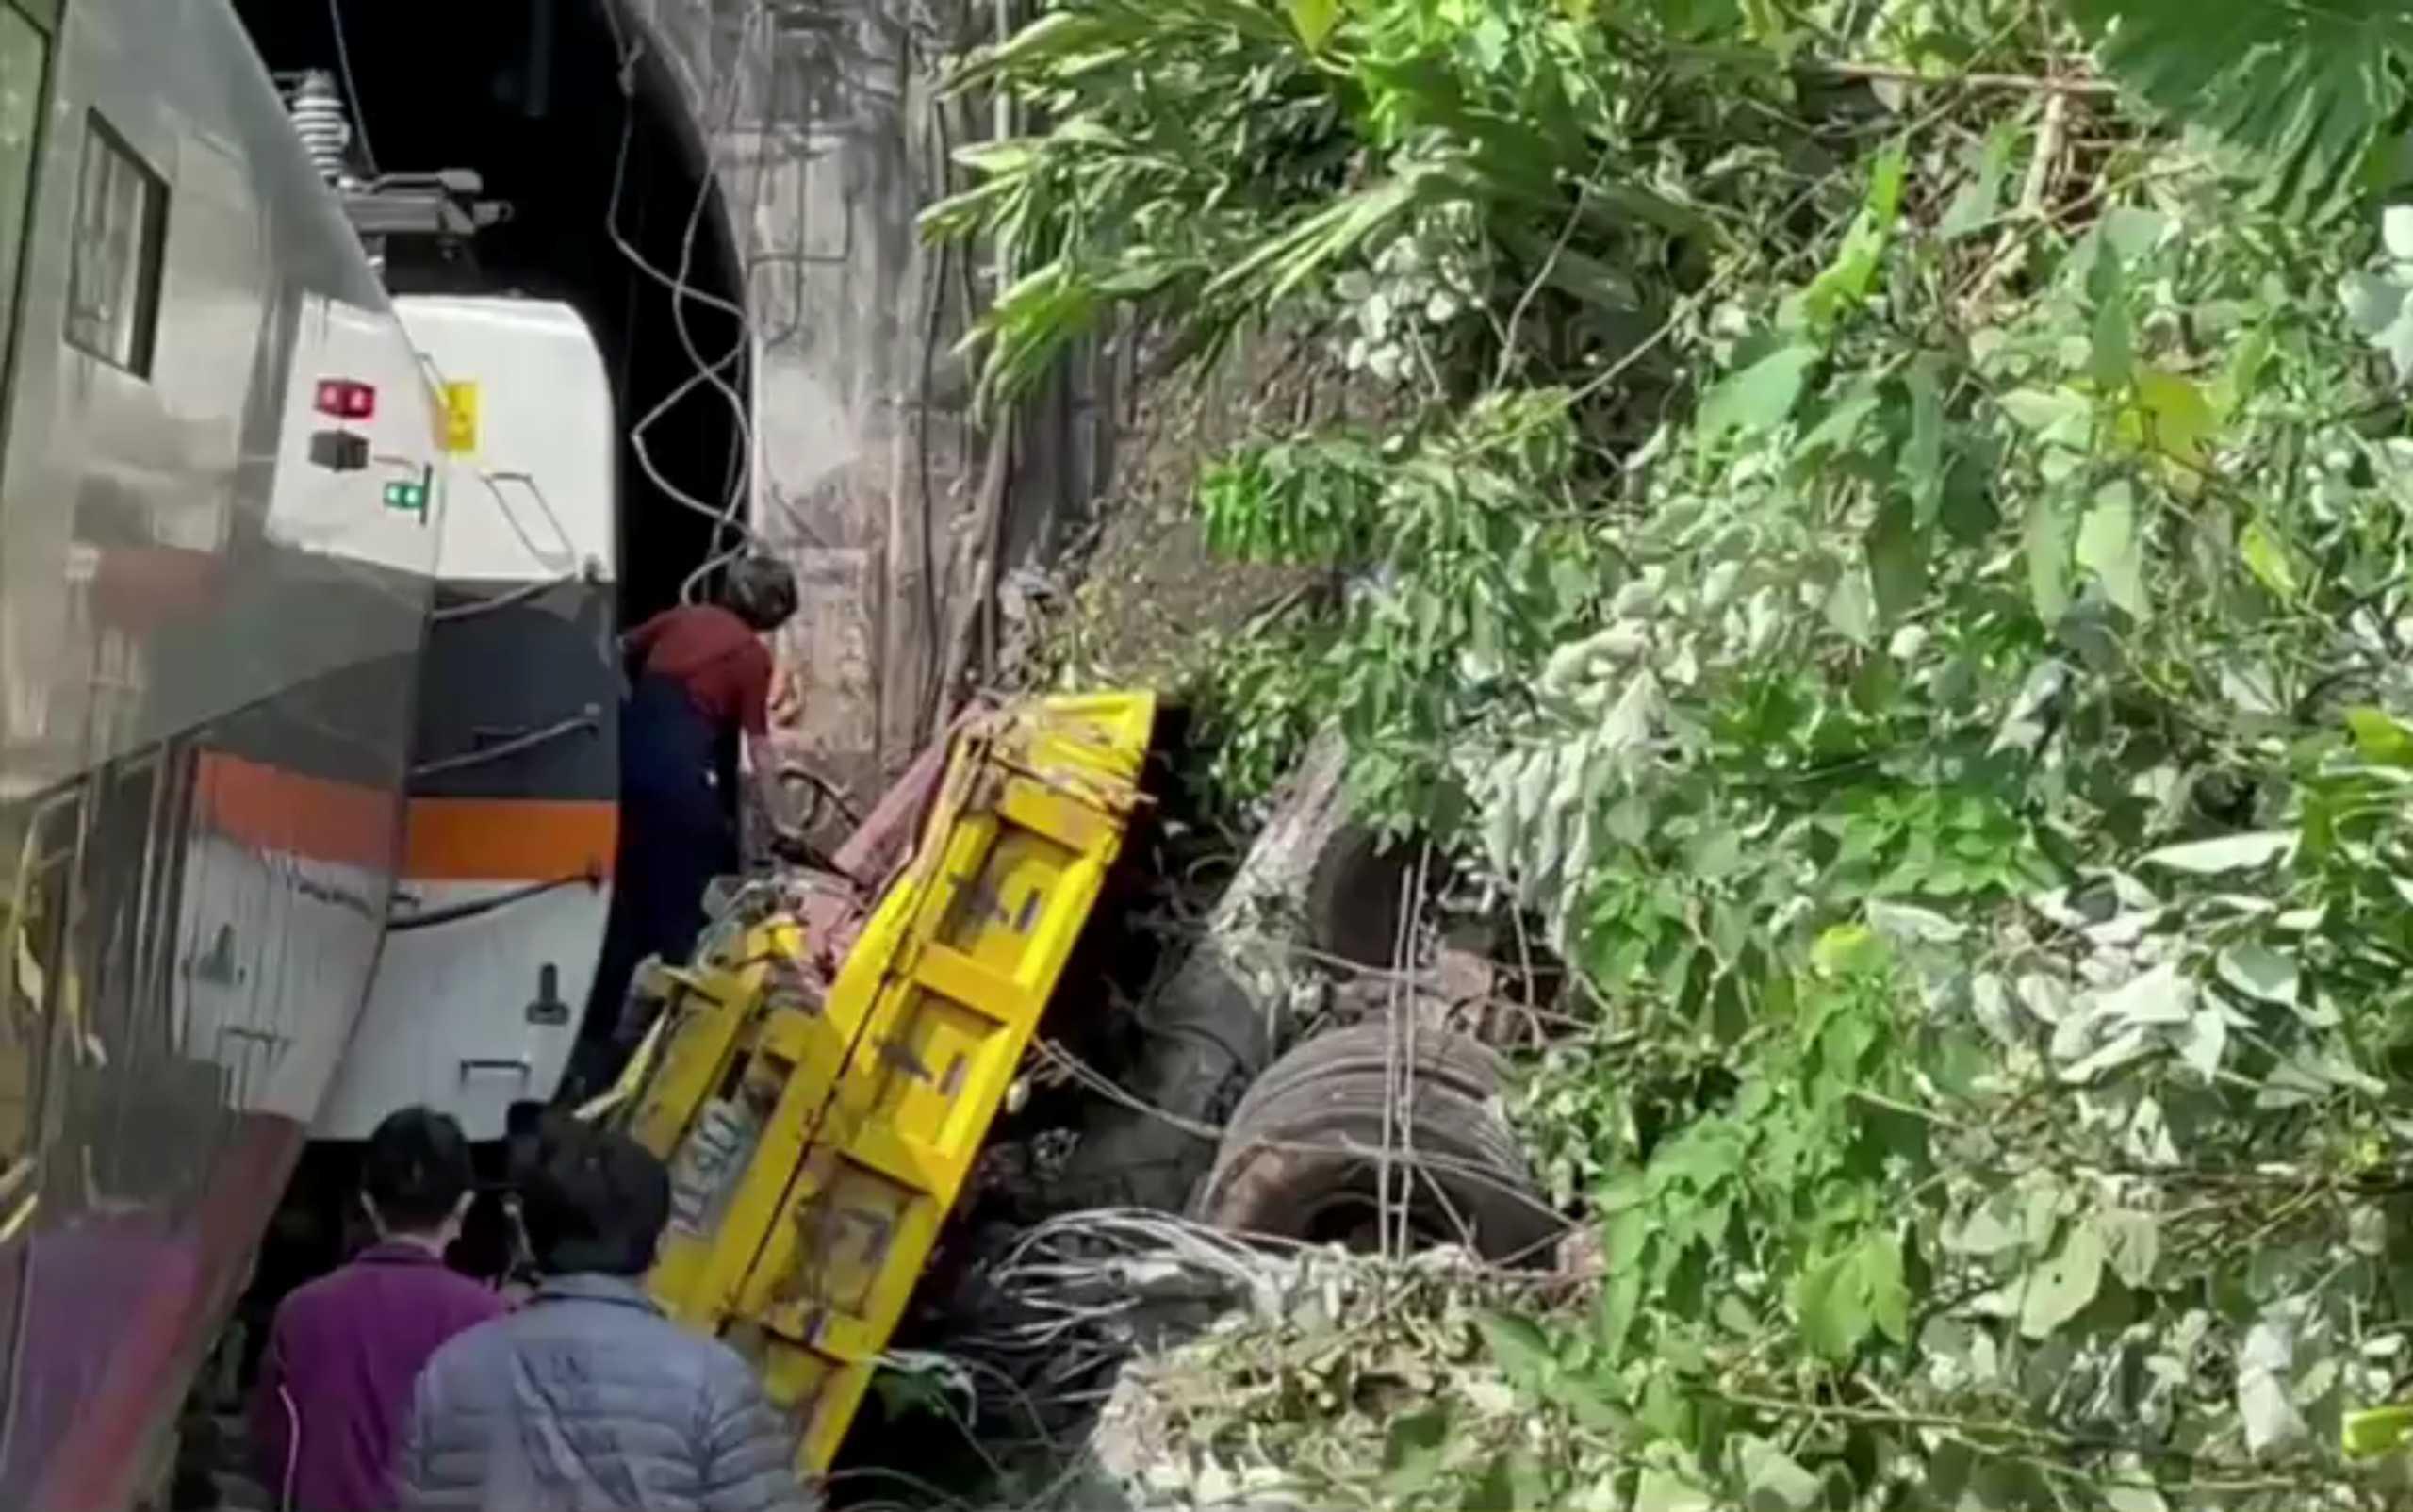 Ταϊβάν: Έτσι προκλήθηκε το δυστύχημα με τους 36 νεκρούς (pics, video)